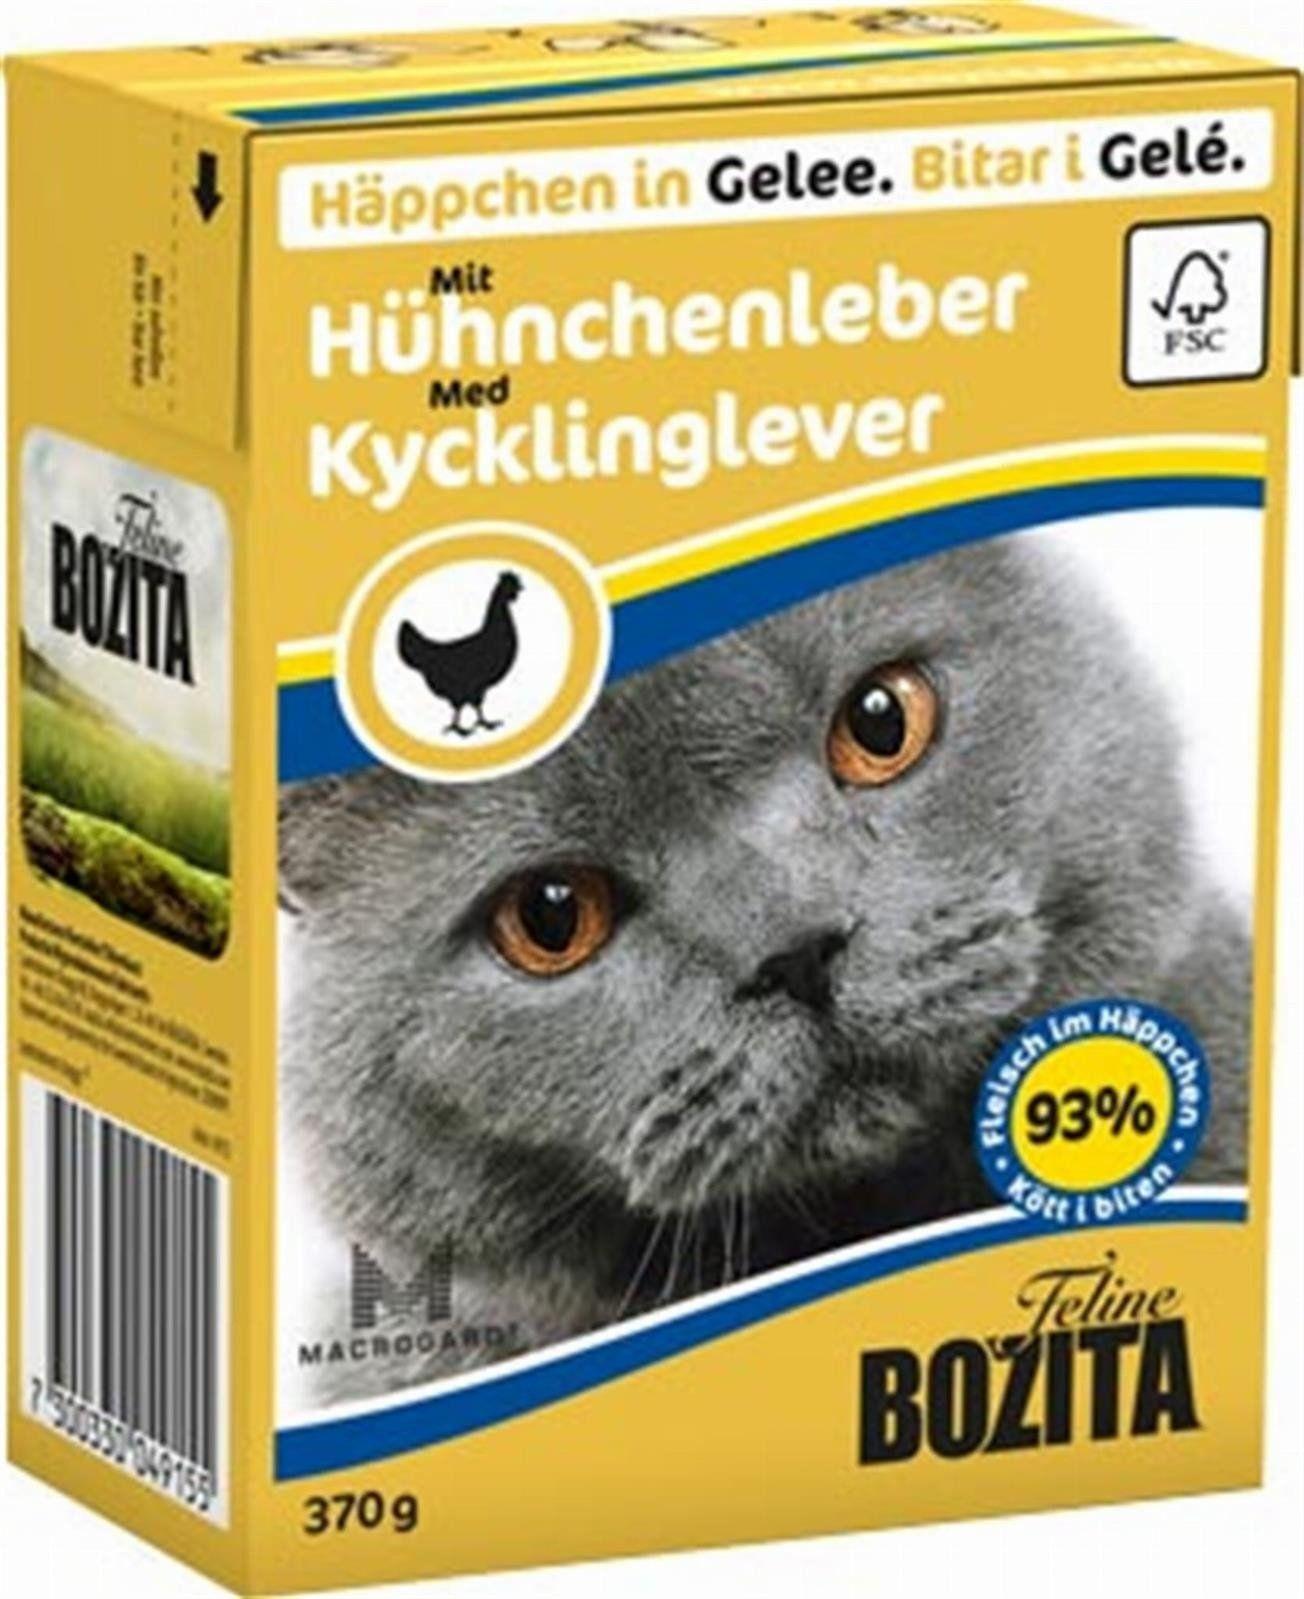 Bozita Feline 370g Wątróbka Drobiowa w Galaretce